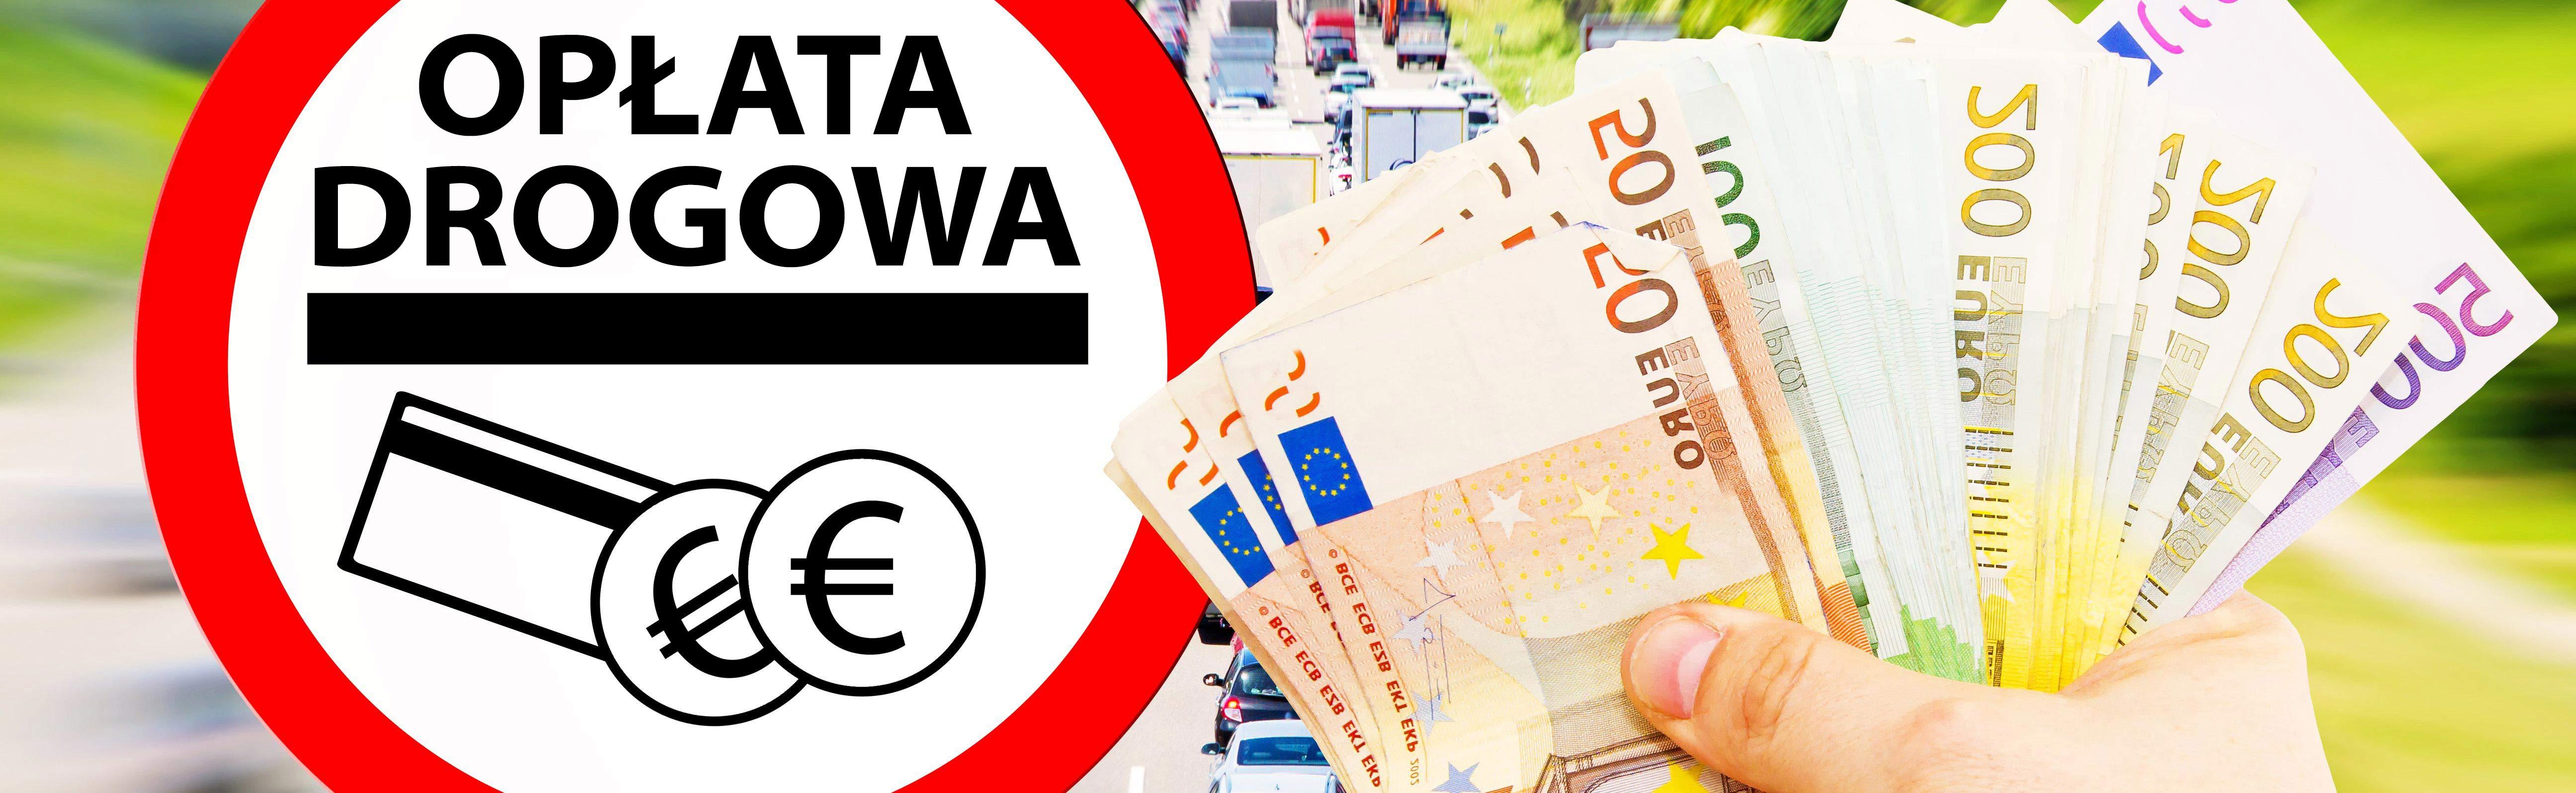 Rozliczanie opłat drogowych - symboliczna reprezentacja